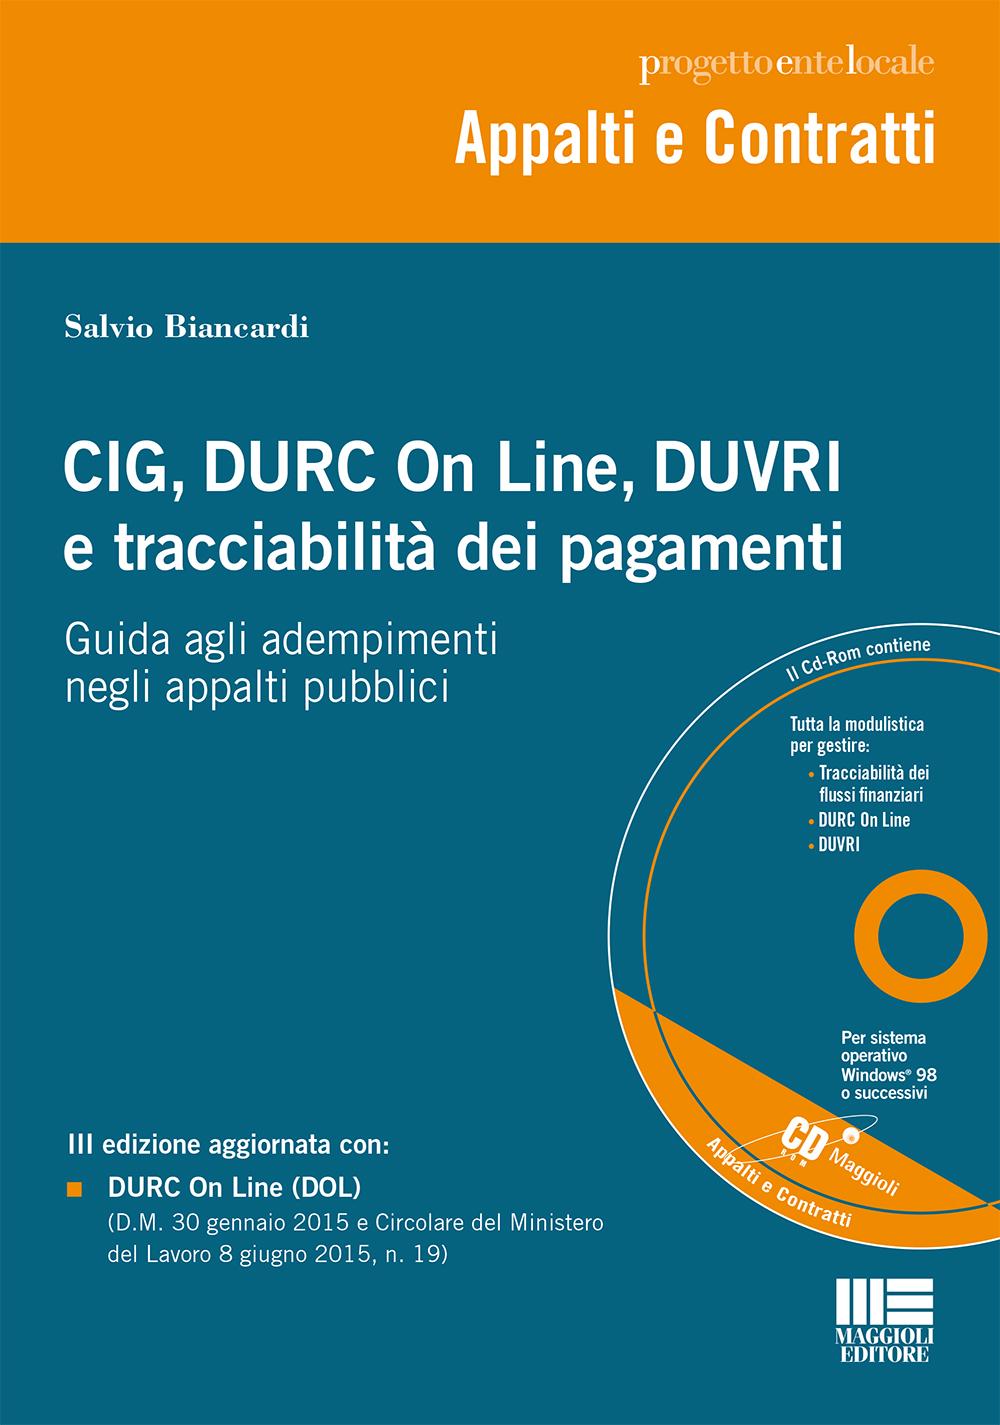 CIG, DURC On Line, DUVRIe tracciabilità dei pagamenti